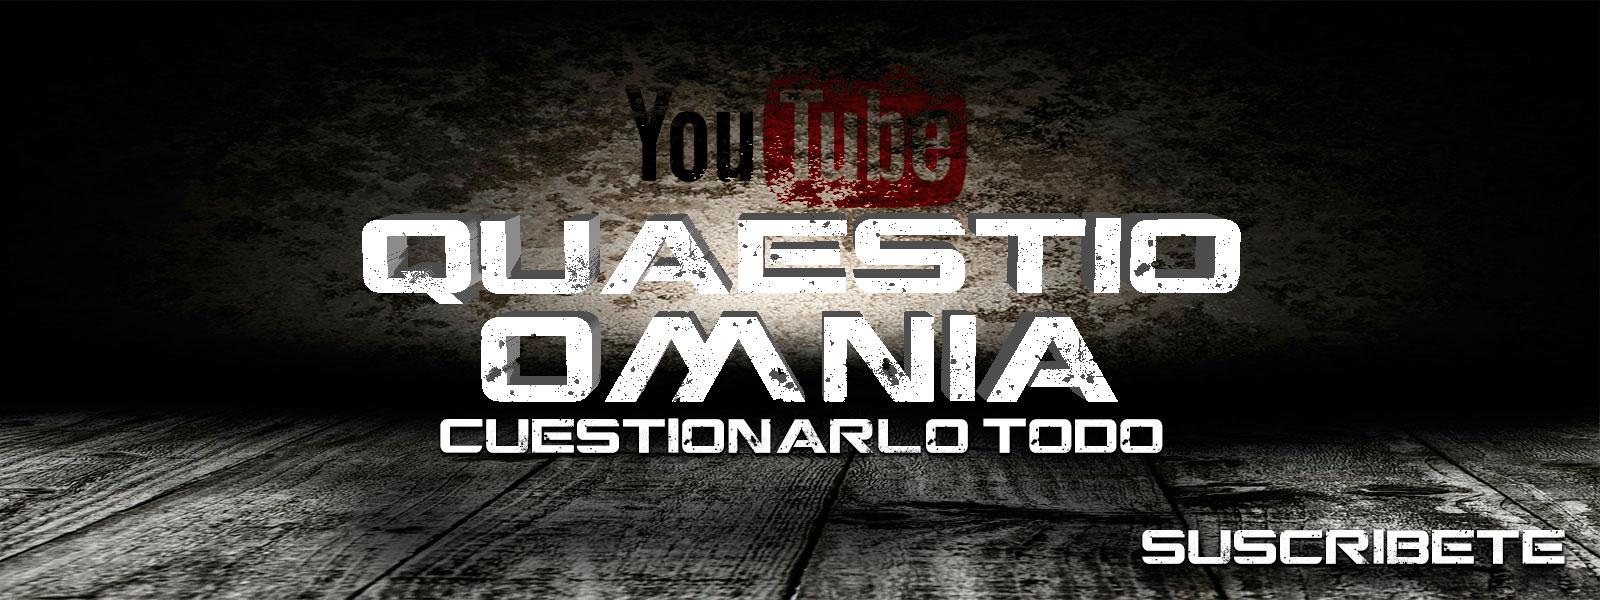 Quaestio Omnia en Youtube